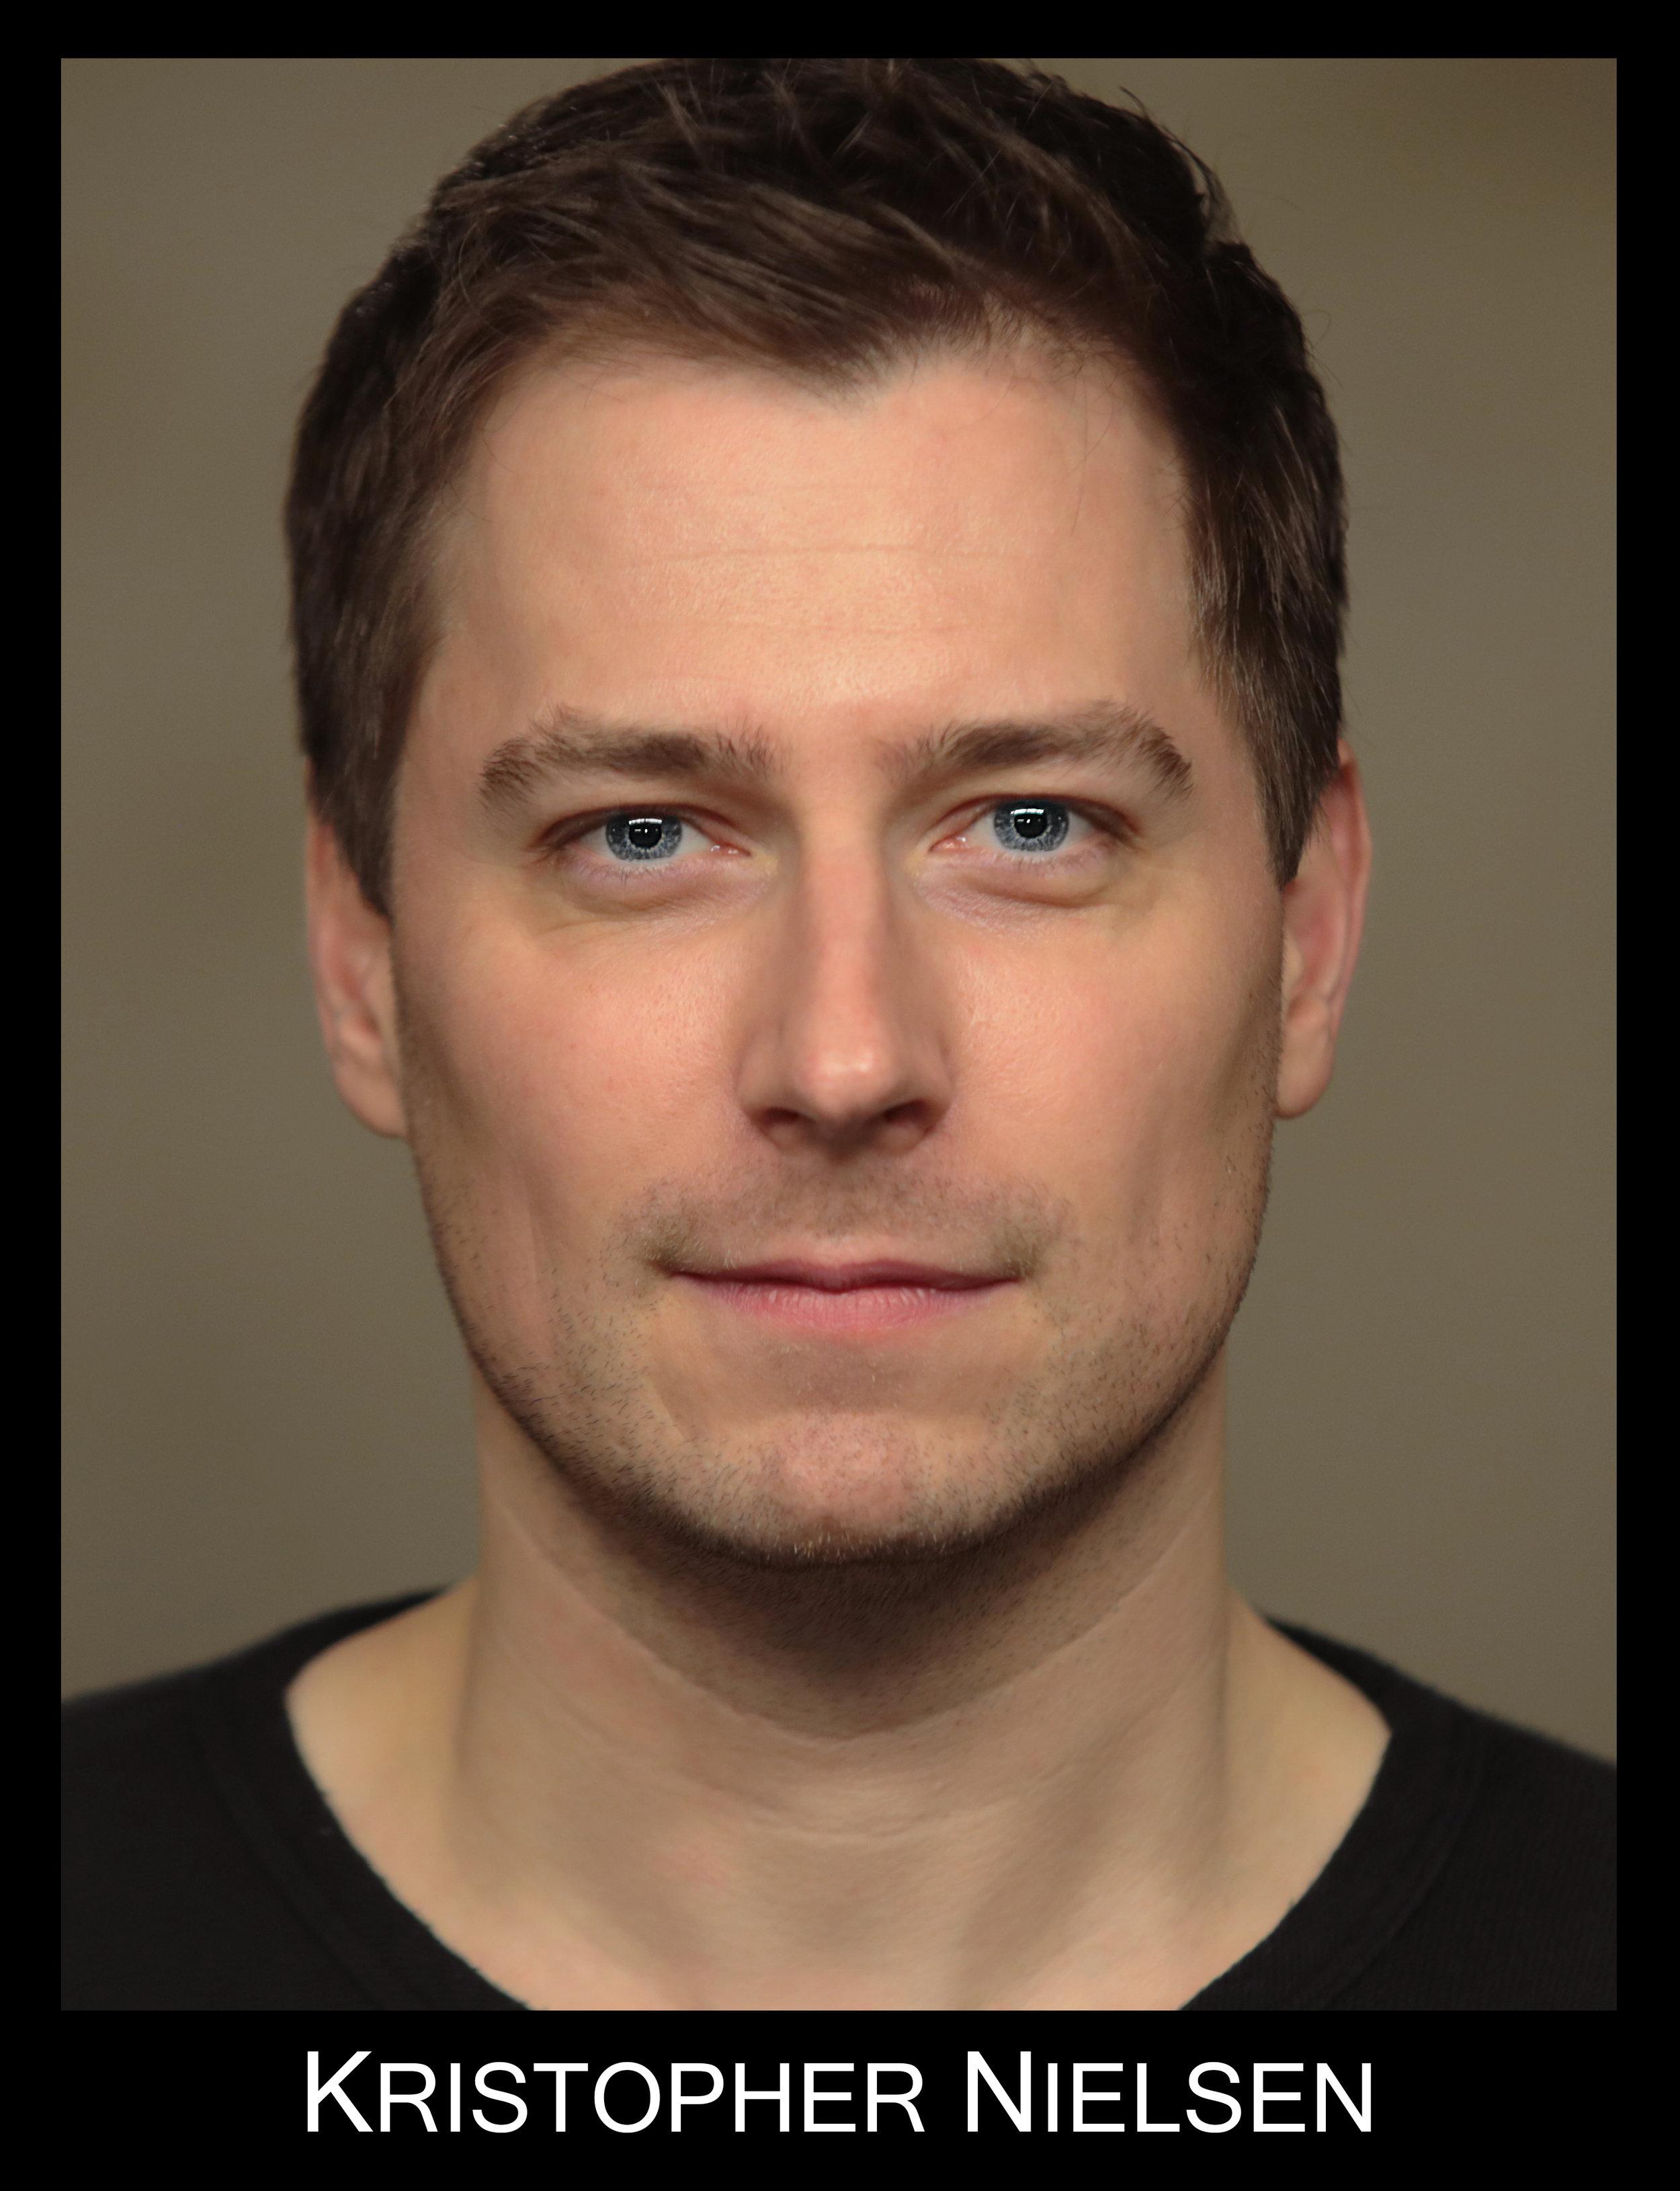 Kristopher Nielsen.jpg